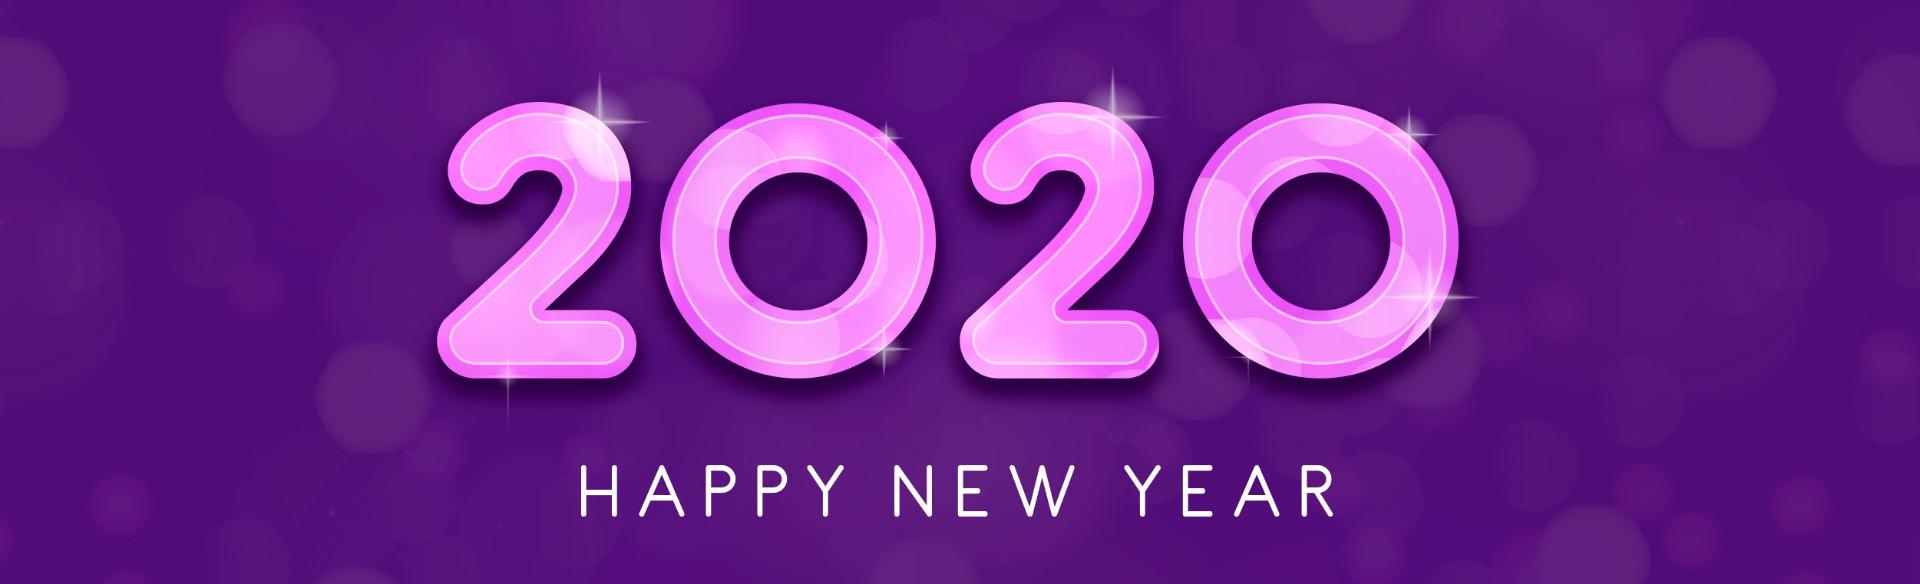 Een gelukkig nieuwjaar van ons allemaal bij Puckator!